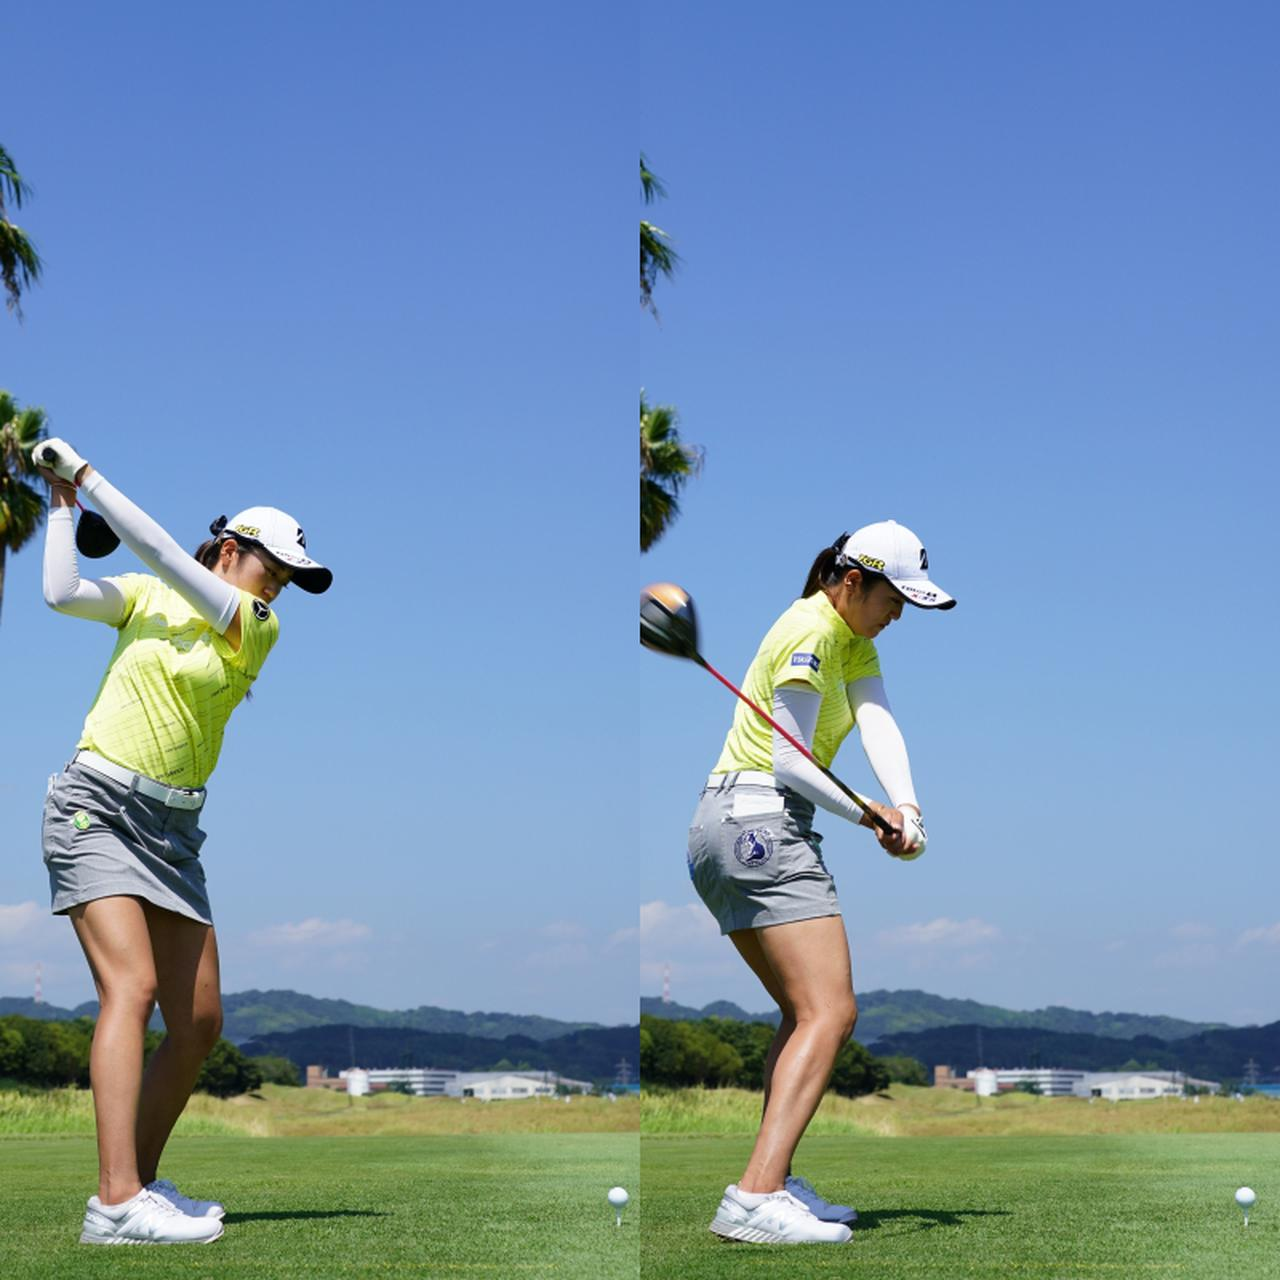 画像: 画像B 手元が頭から遠くややフラットなトップ(左)から前傾角が崩れず下半身で作った回転力が上半身、手元へと連動しクラブが引っ張られるように動く(右)(写真は2020年日本女子プロゴルフ選手権 写真/姉崎正)